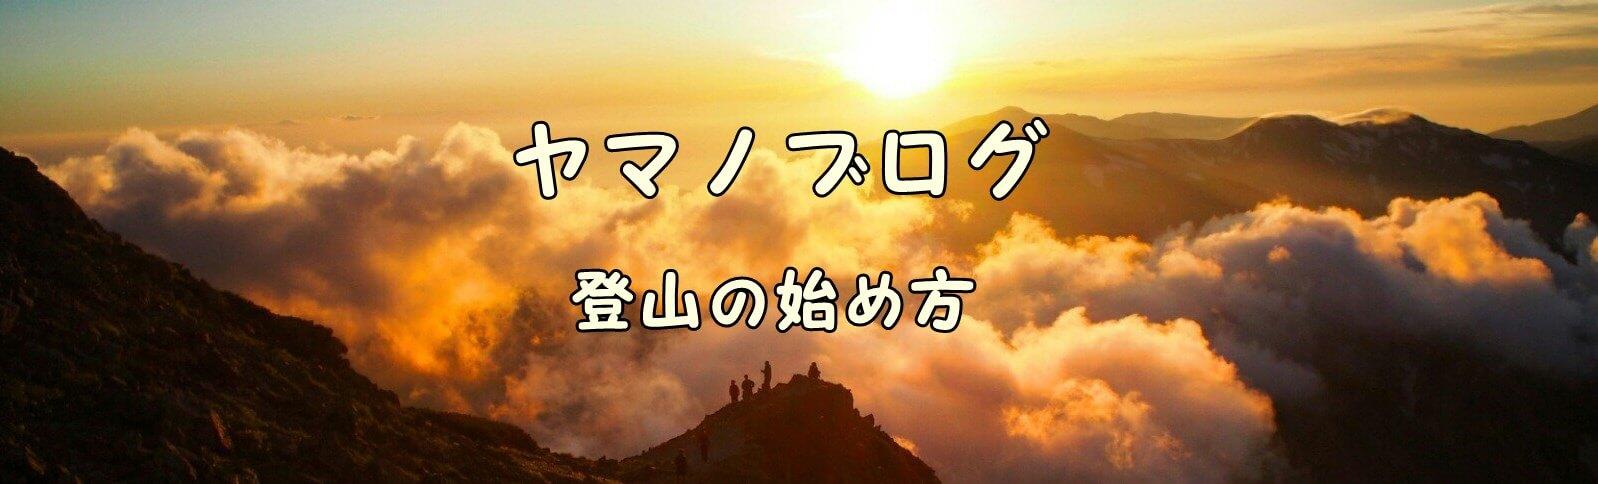 ヤマノブログ